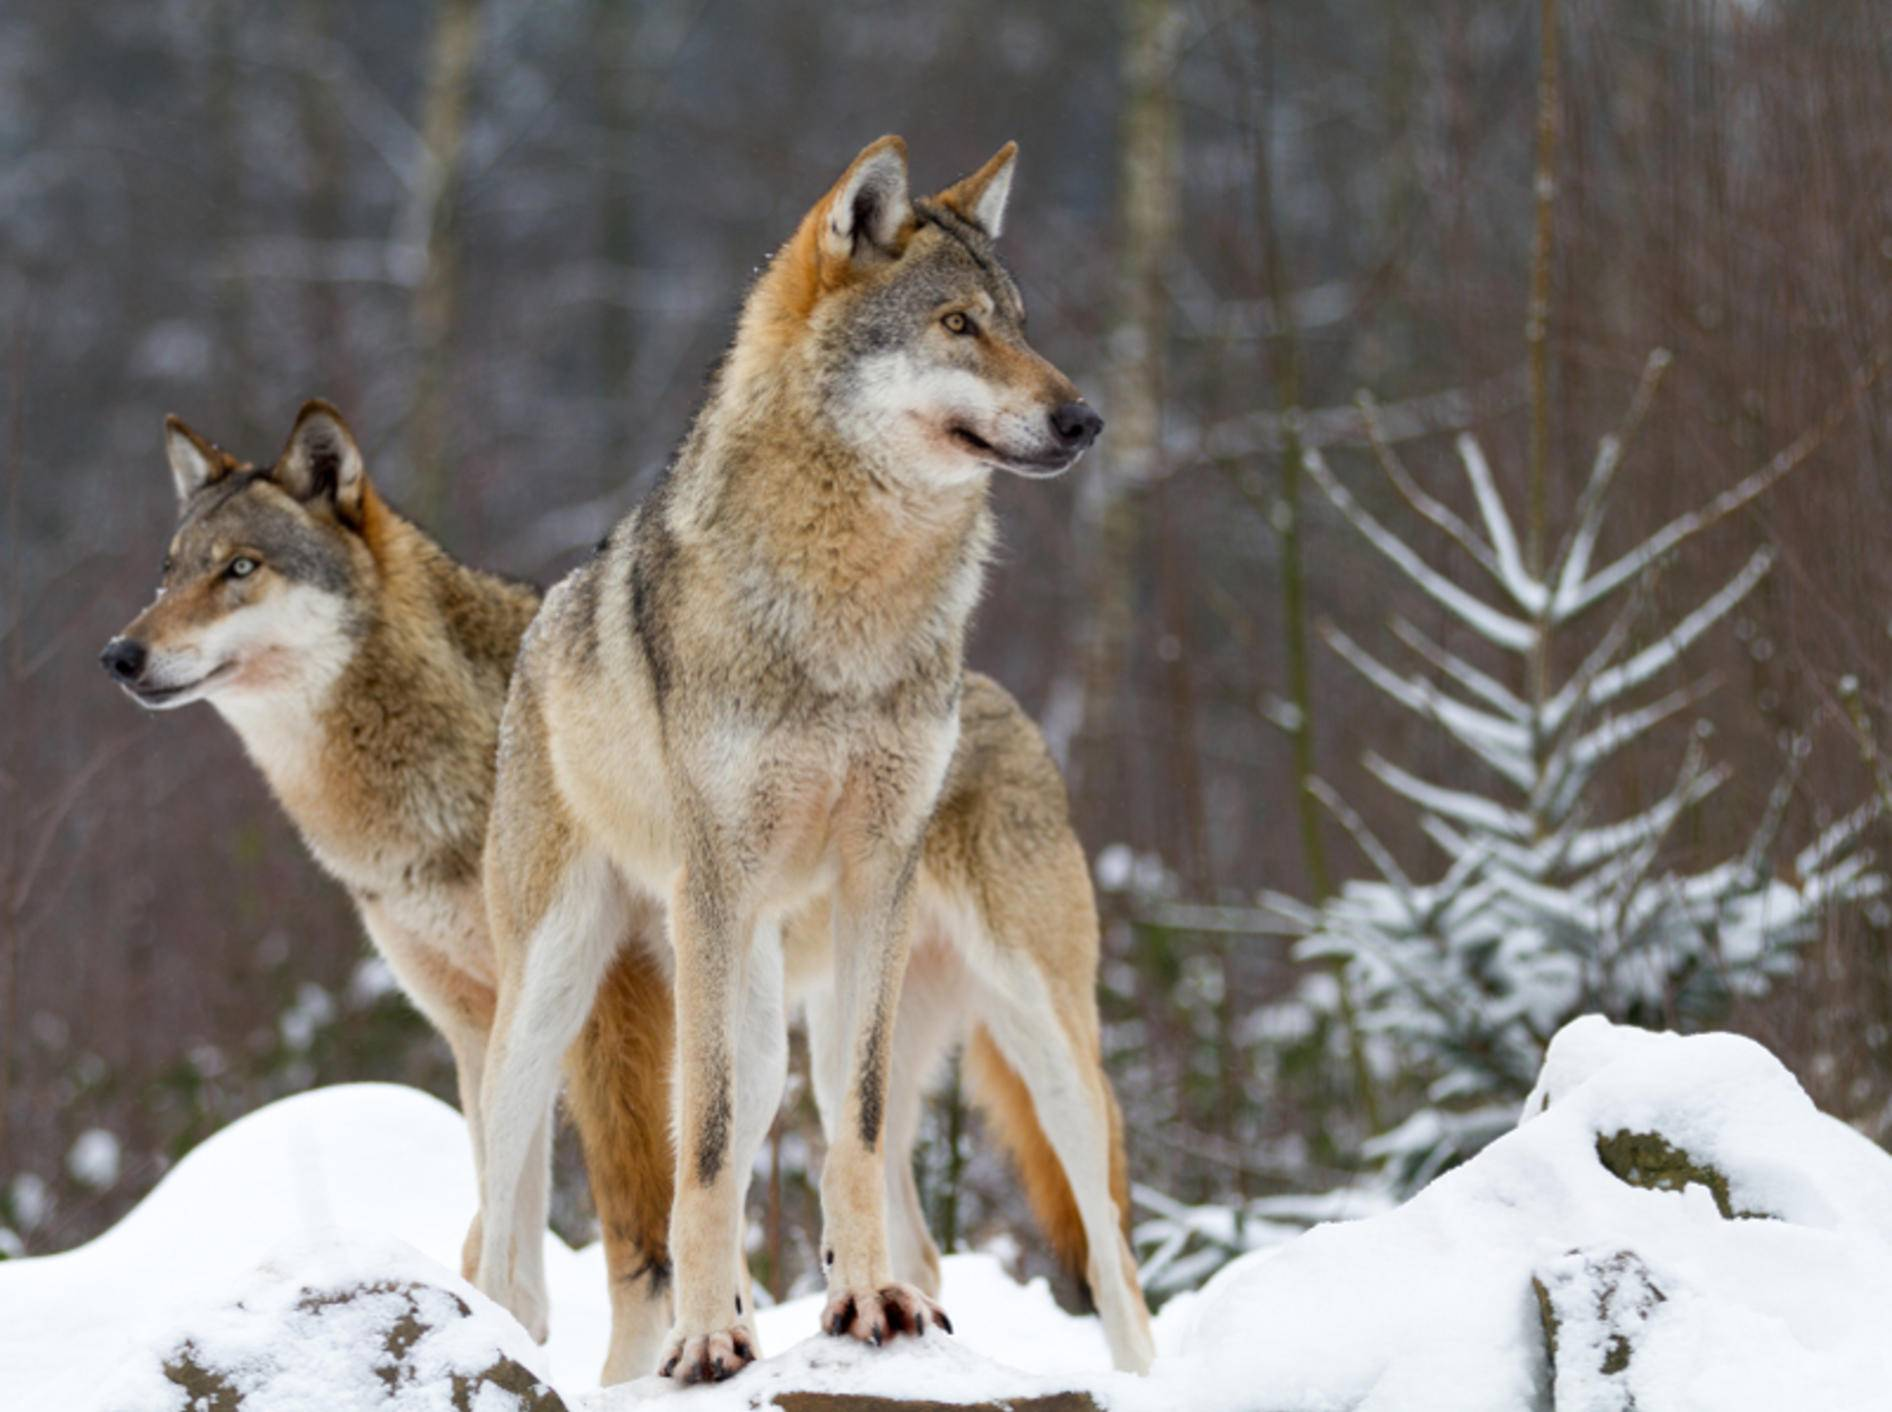 Wölfe sind die anmutigen und faszinierenden Vorfahren unserer Hunde – Shutterstock / kochanowski